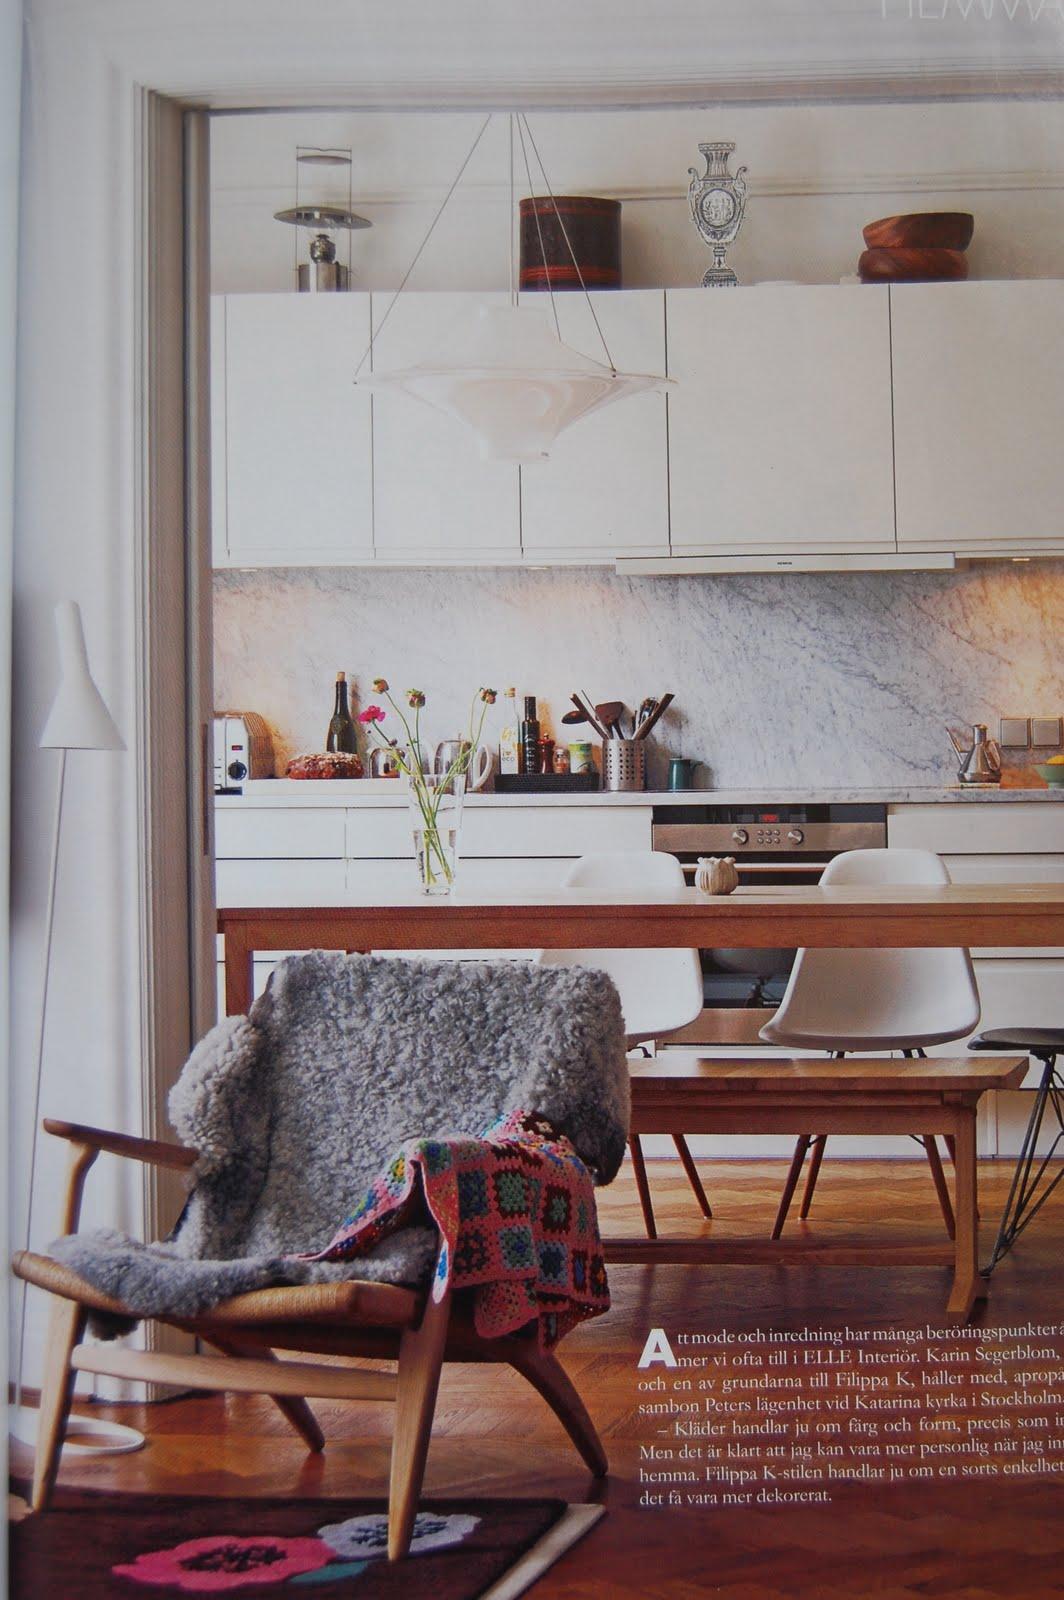 Kok Bankskiva Granit : bonkskiva kok marmor  detta hem finns en hel buffo av saker jag